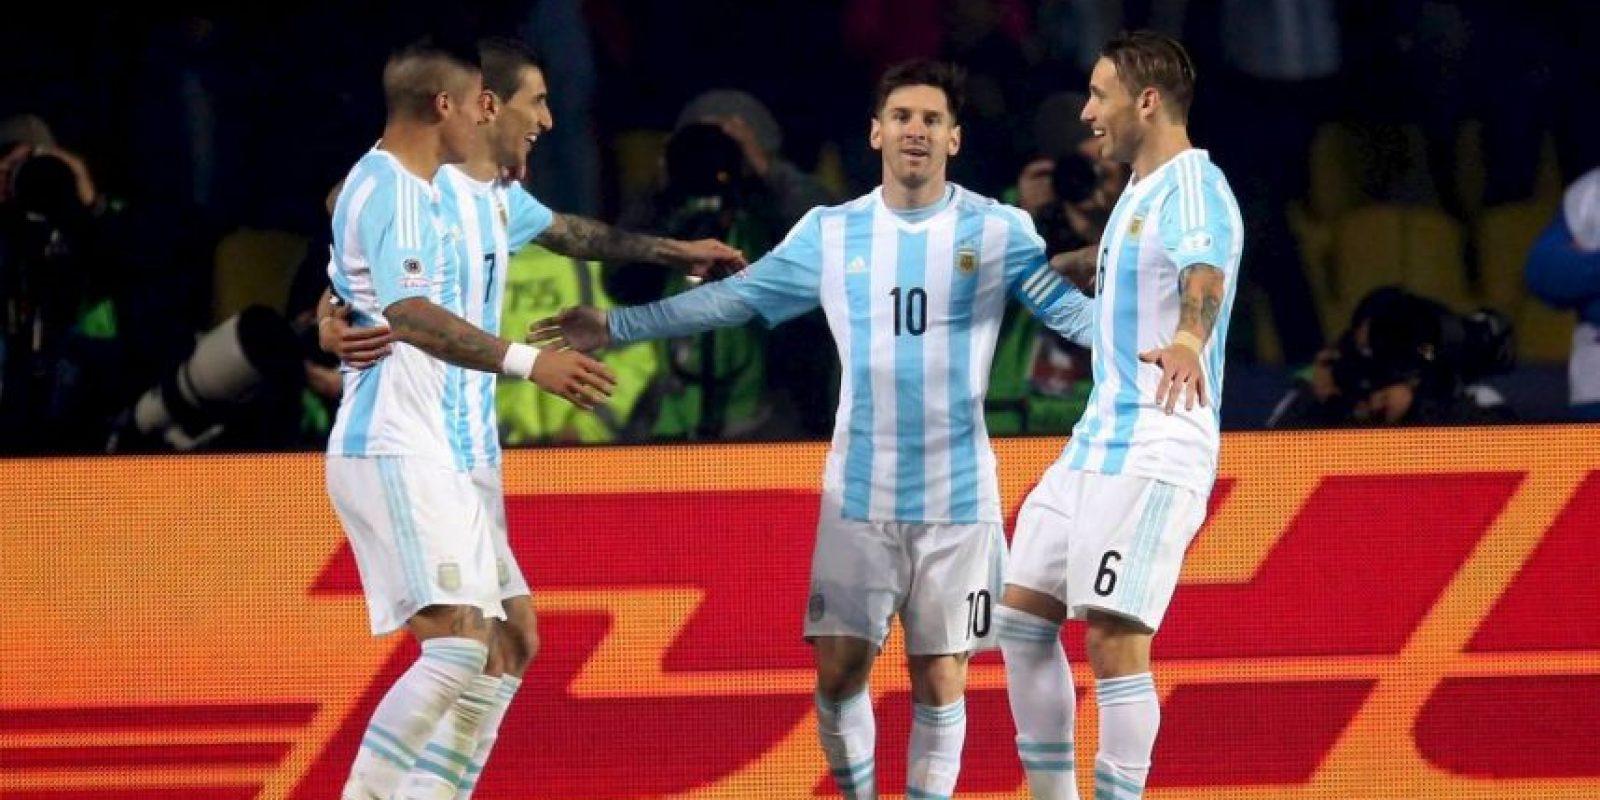 En duelos frente a frente ha ganado 59 y perdido 46. Foto:Vía facebook.com/AFASeleccionArgentina